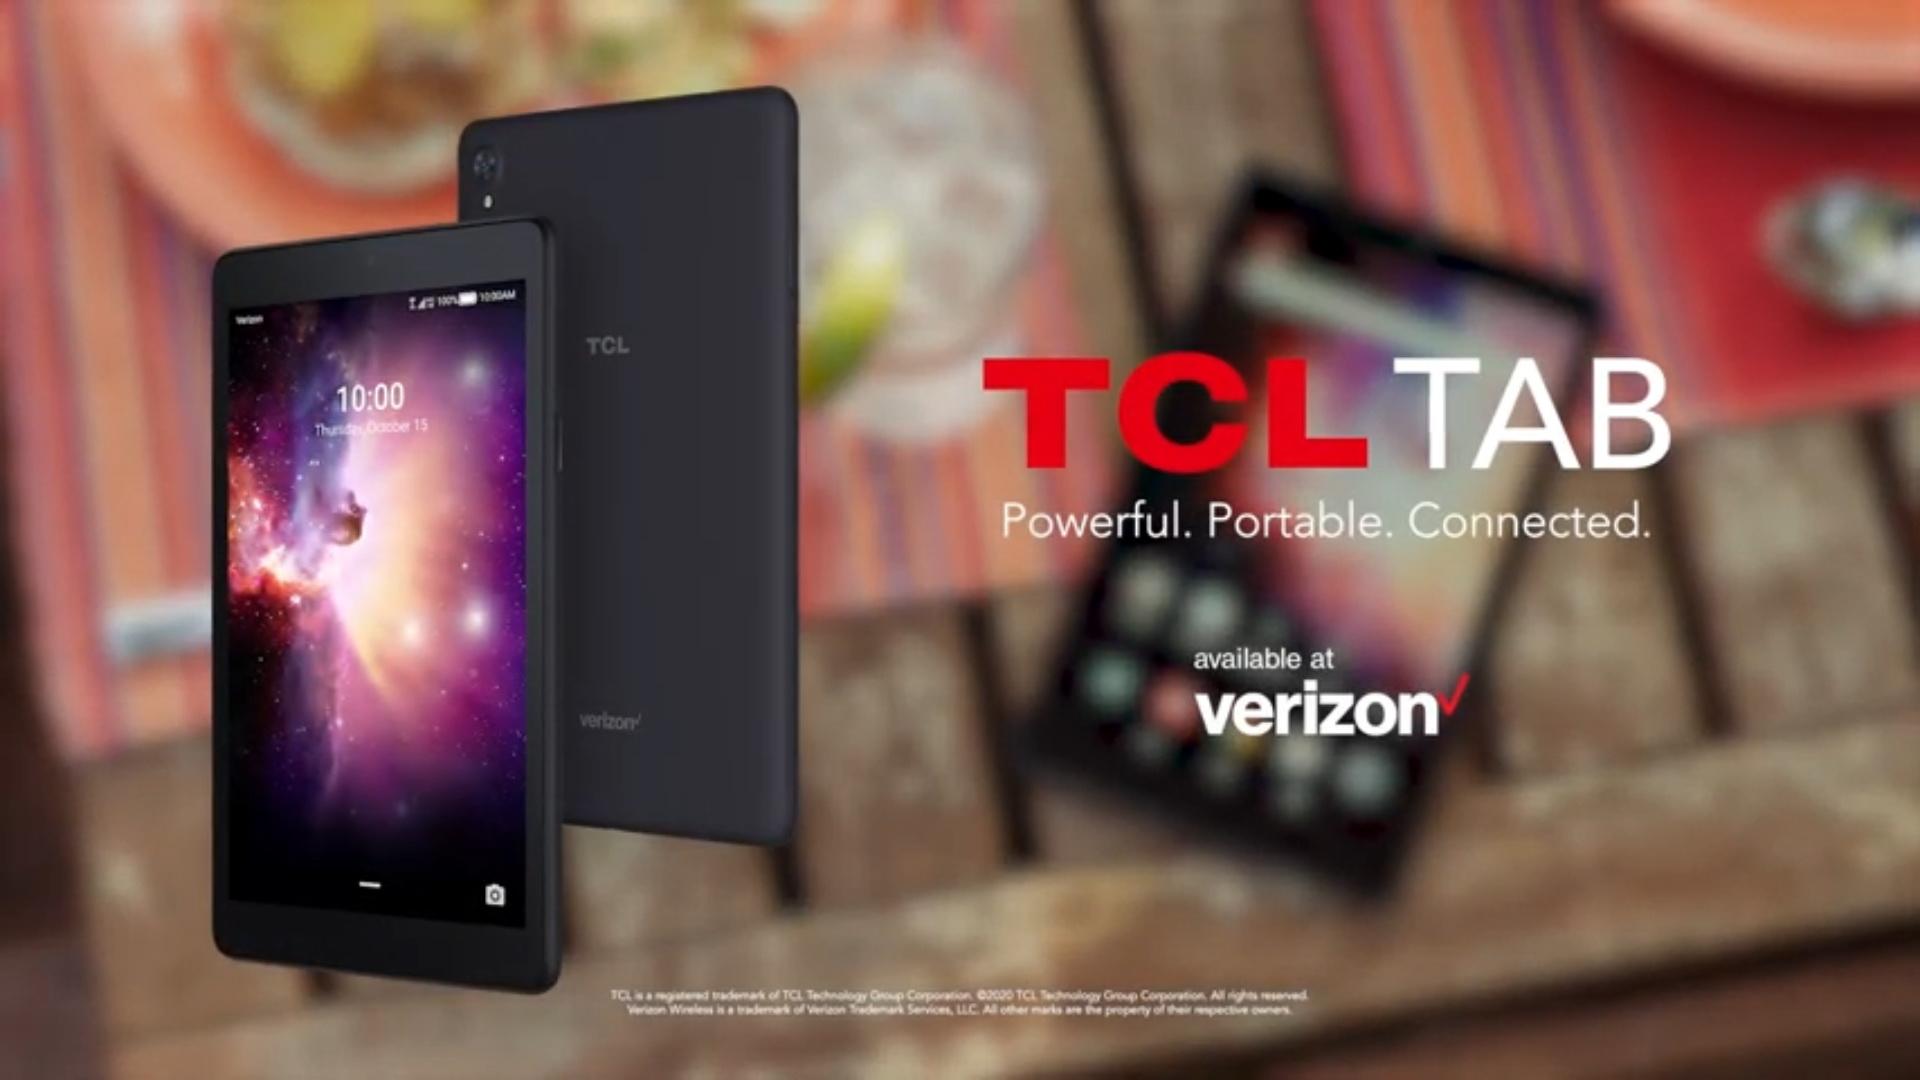 TCL TAB แท็บเล็ตราคาถูกเปิดตัวพร้อมวางจำหน่ายกับทาง Verizon แล้ว